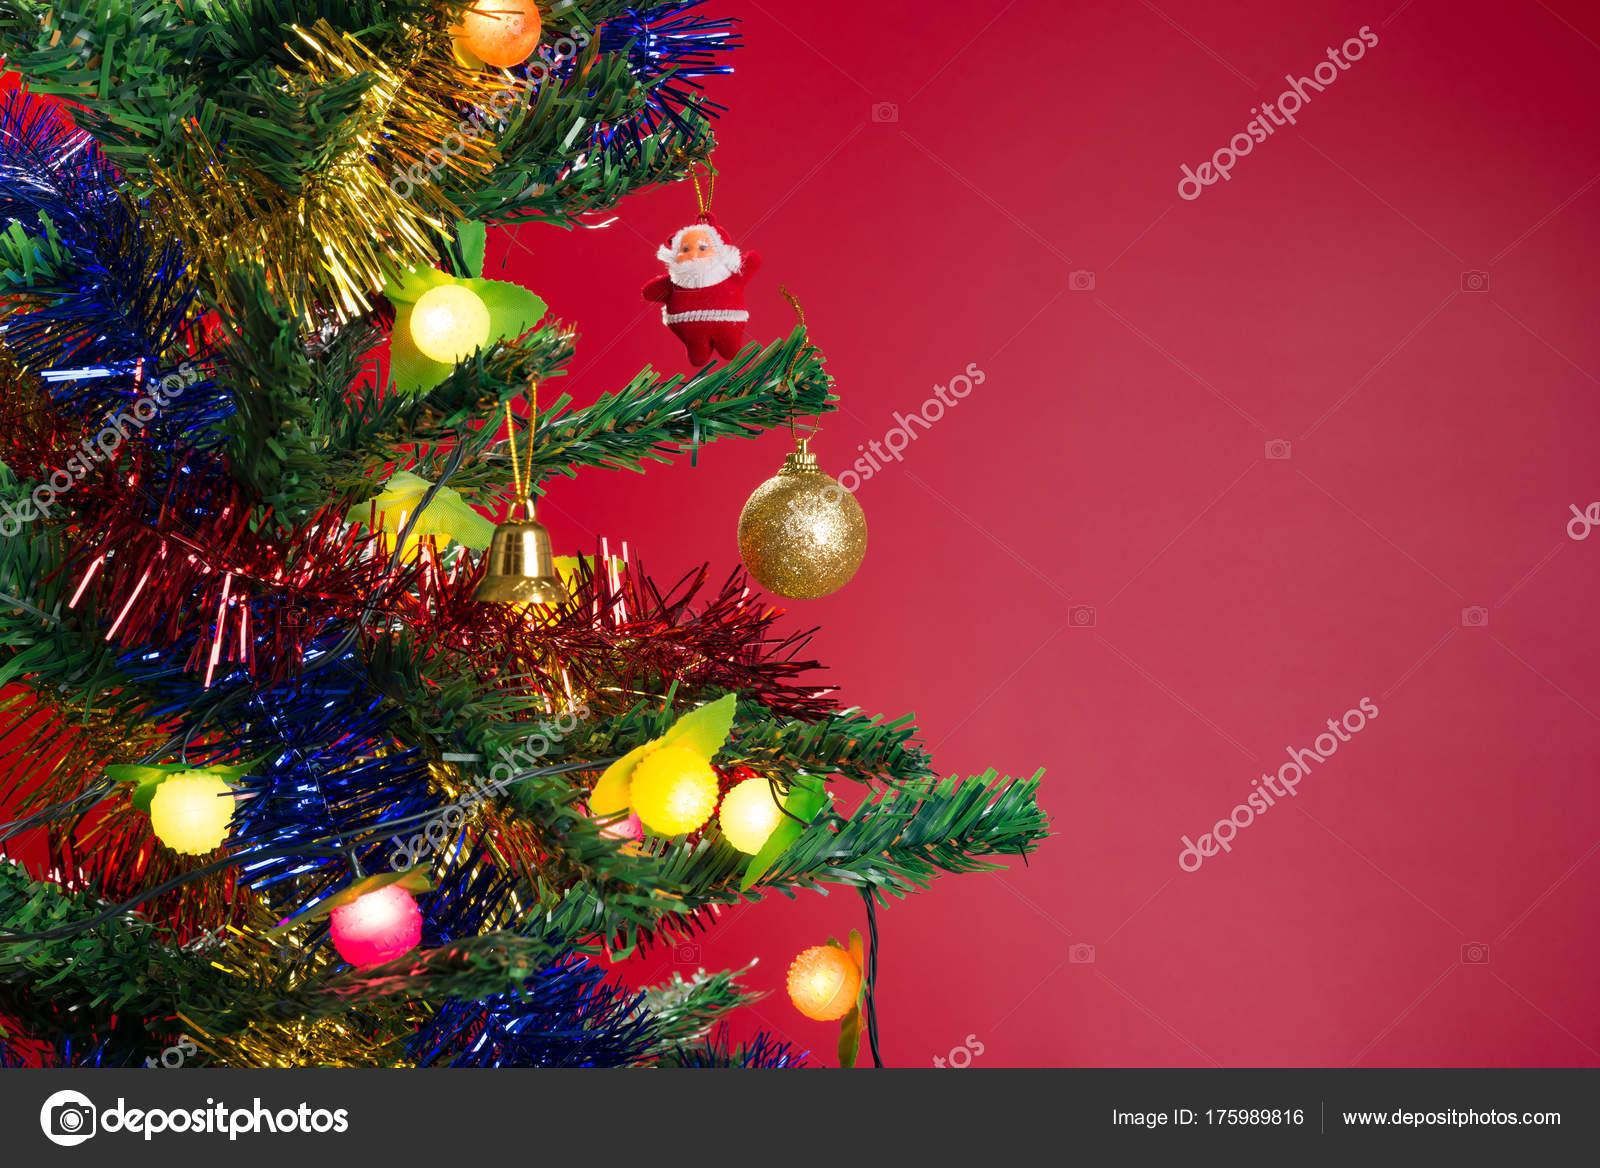 Kerstdecoraties Met Rood : Fir tree met kerstversiering rood u stockfoto freerlaw